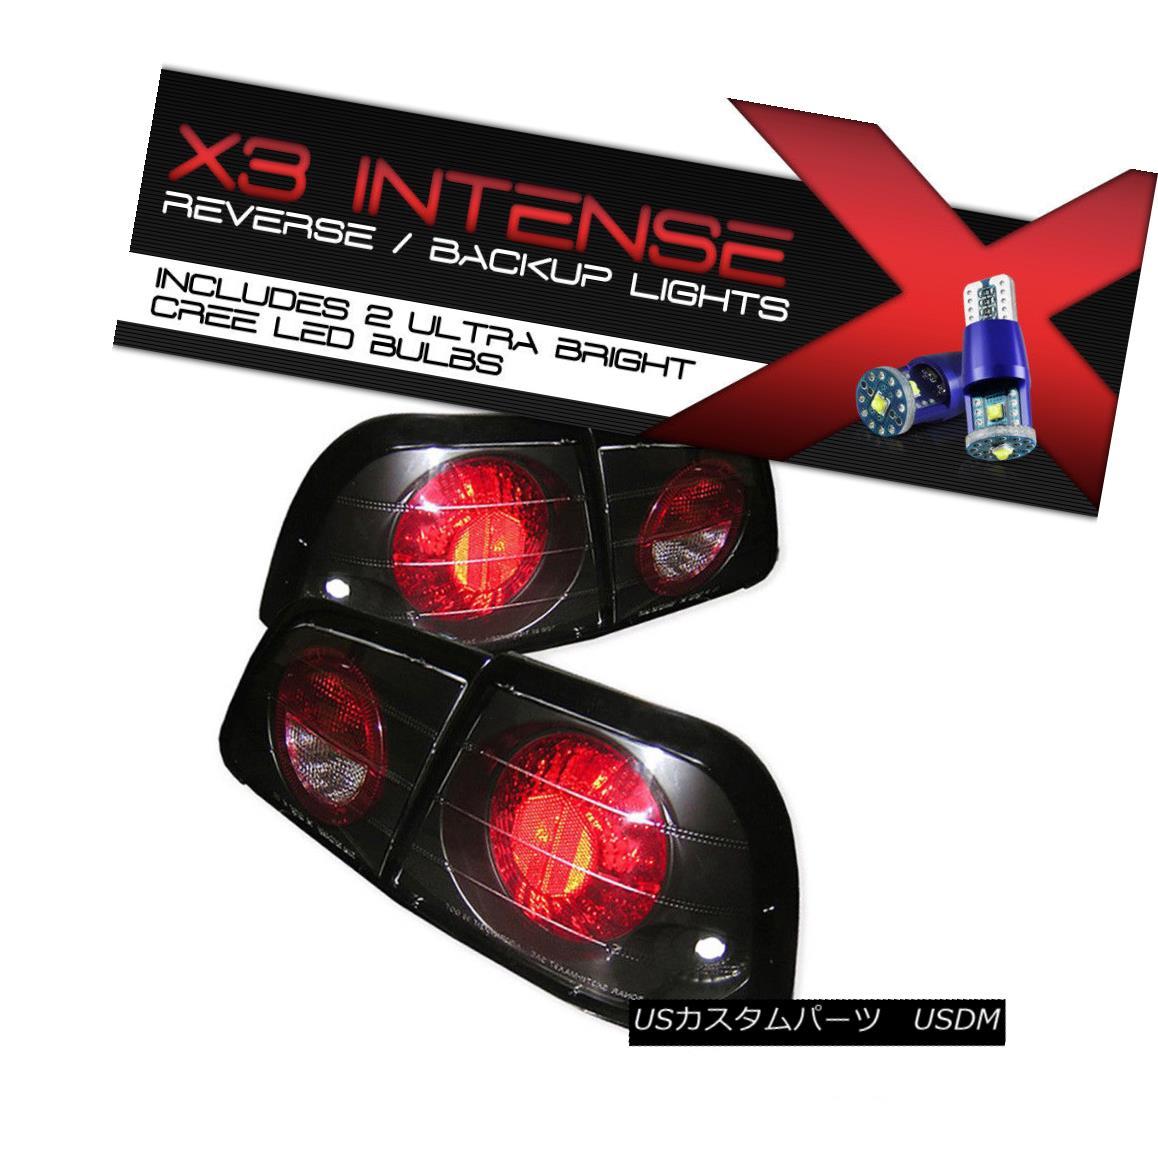 テールライト Black!Cree A32 LED Reverse V6! JDM Black Altezza Tail Light For 97-99 Maxima V6 A32 VQ30 SE!クリーLEDリバース! 97-99 Maxima V6 A32 VQ30 SE用JDMブラックアルテッツァテールライト, ブランド古着のBEEGLE by Boo-Bee:4e7cd6f4 --- officewill.xsrv.jp